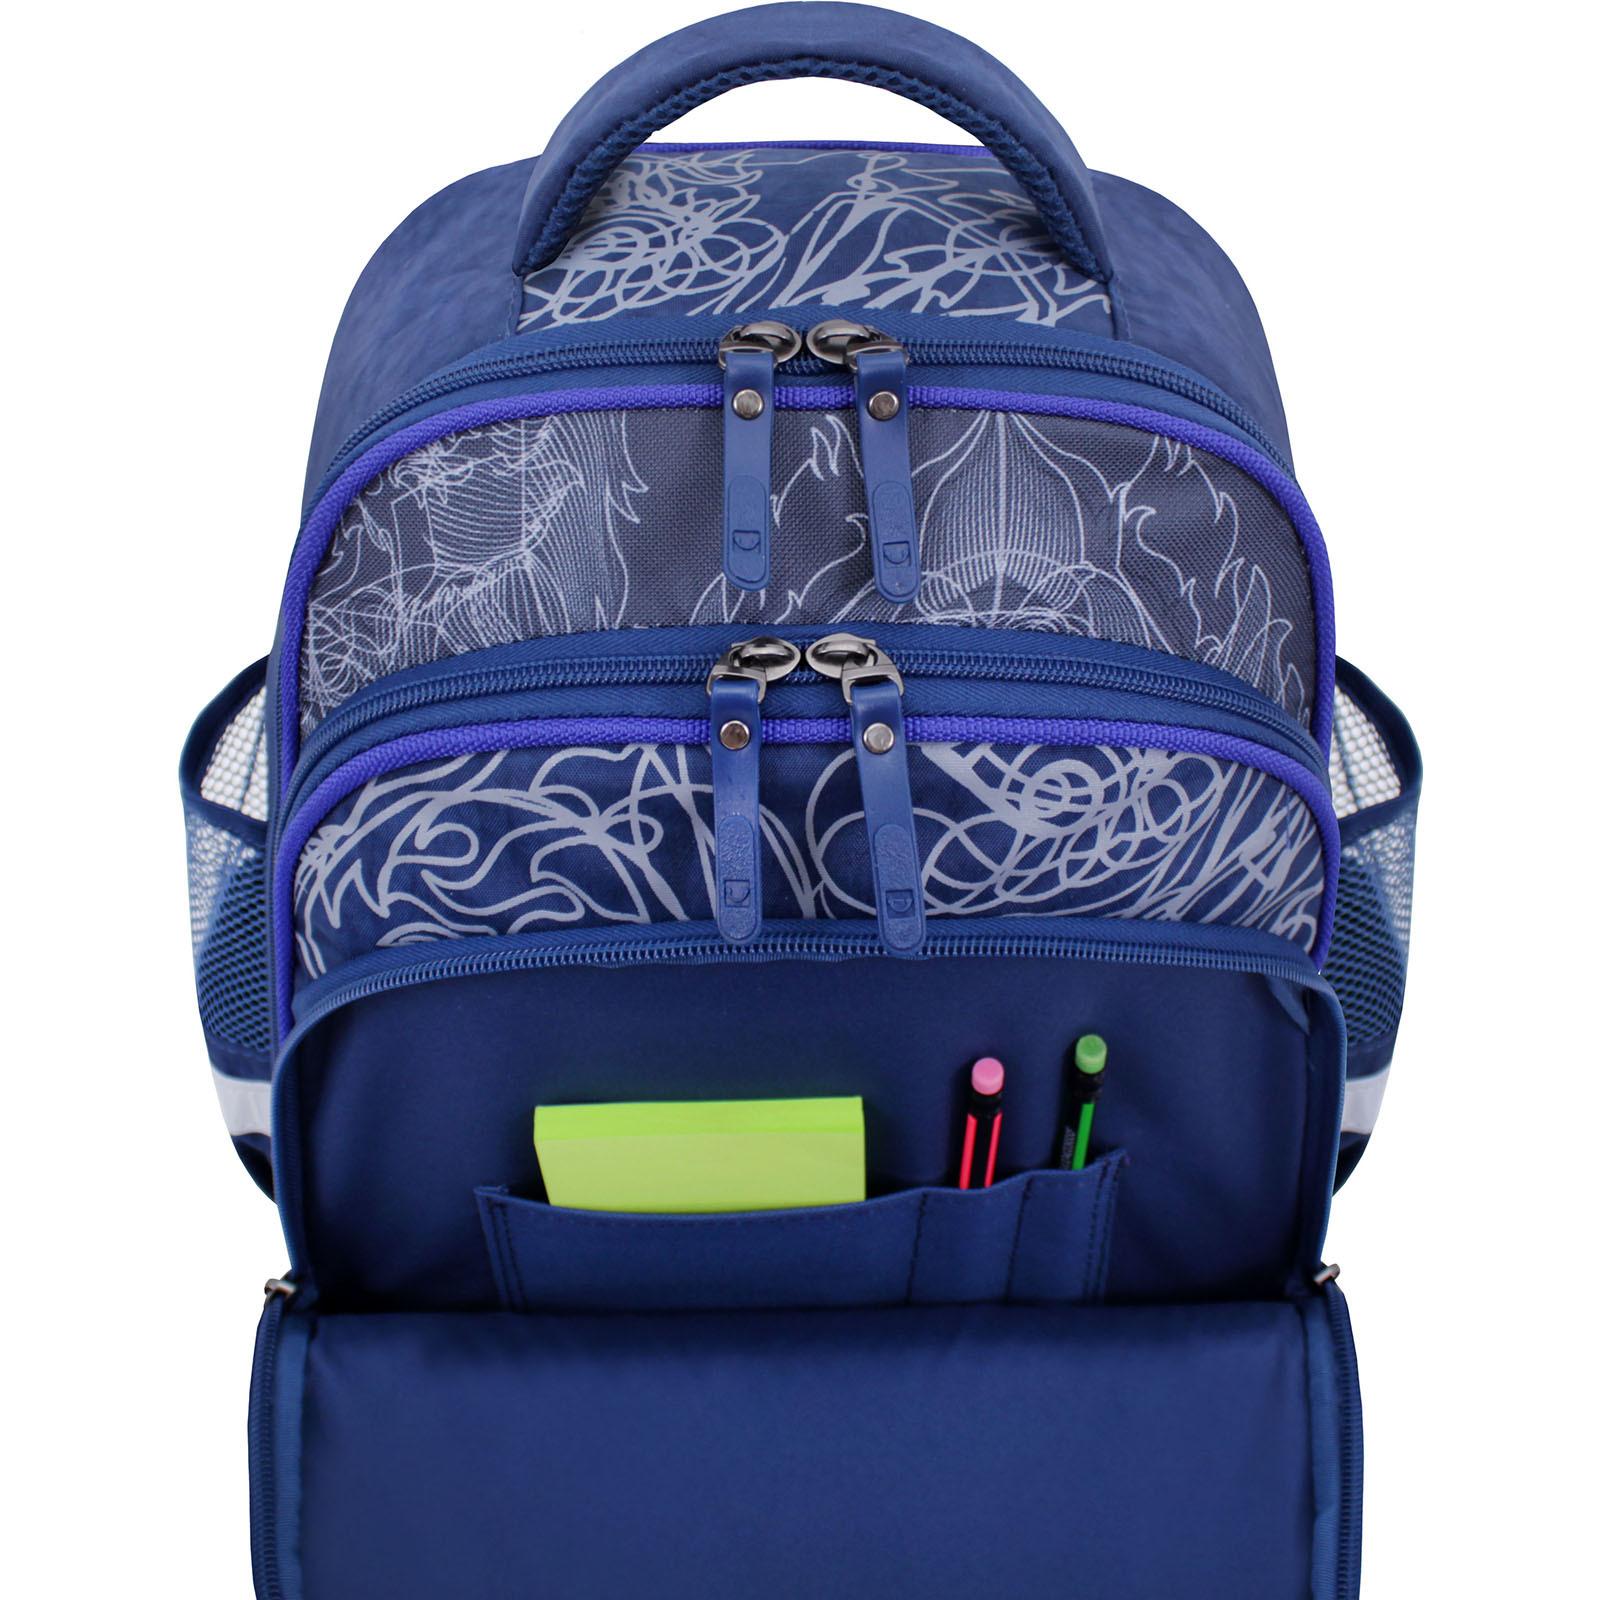 Рюкзак школьный Bagland Mouse 225 синий 506 (0051370) фото 4